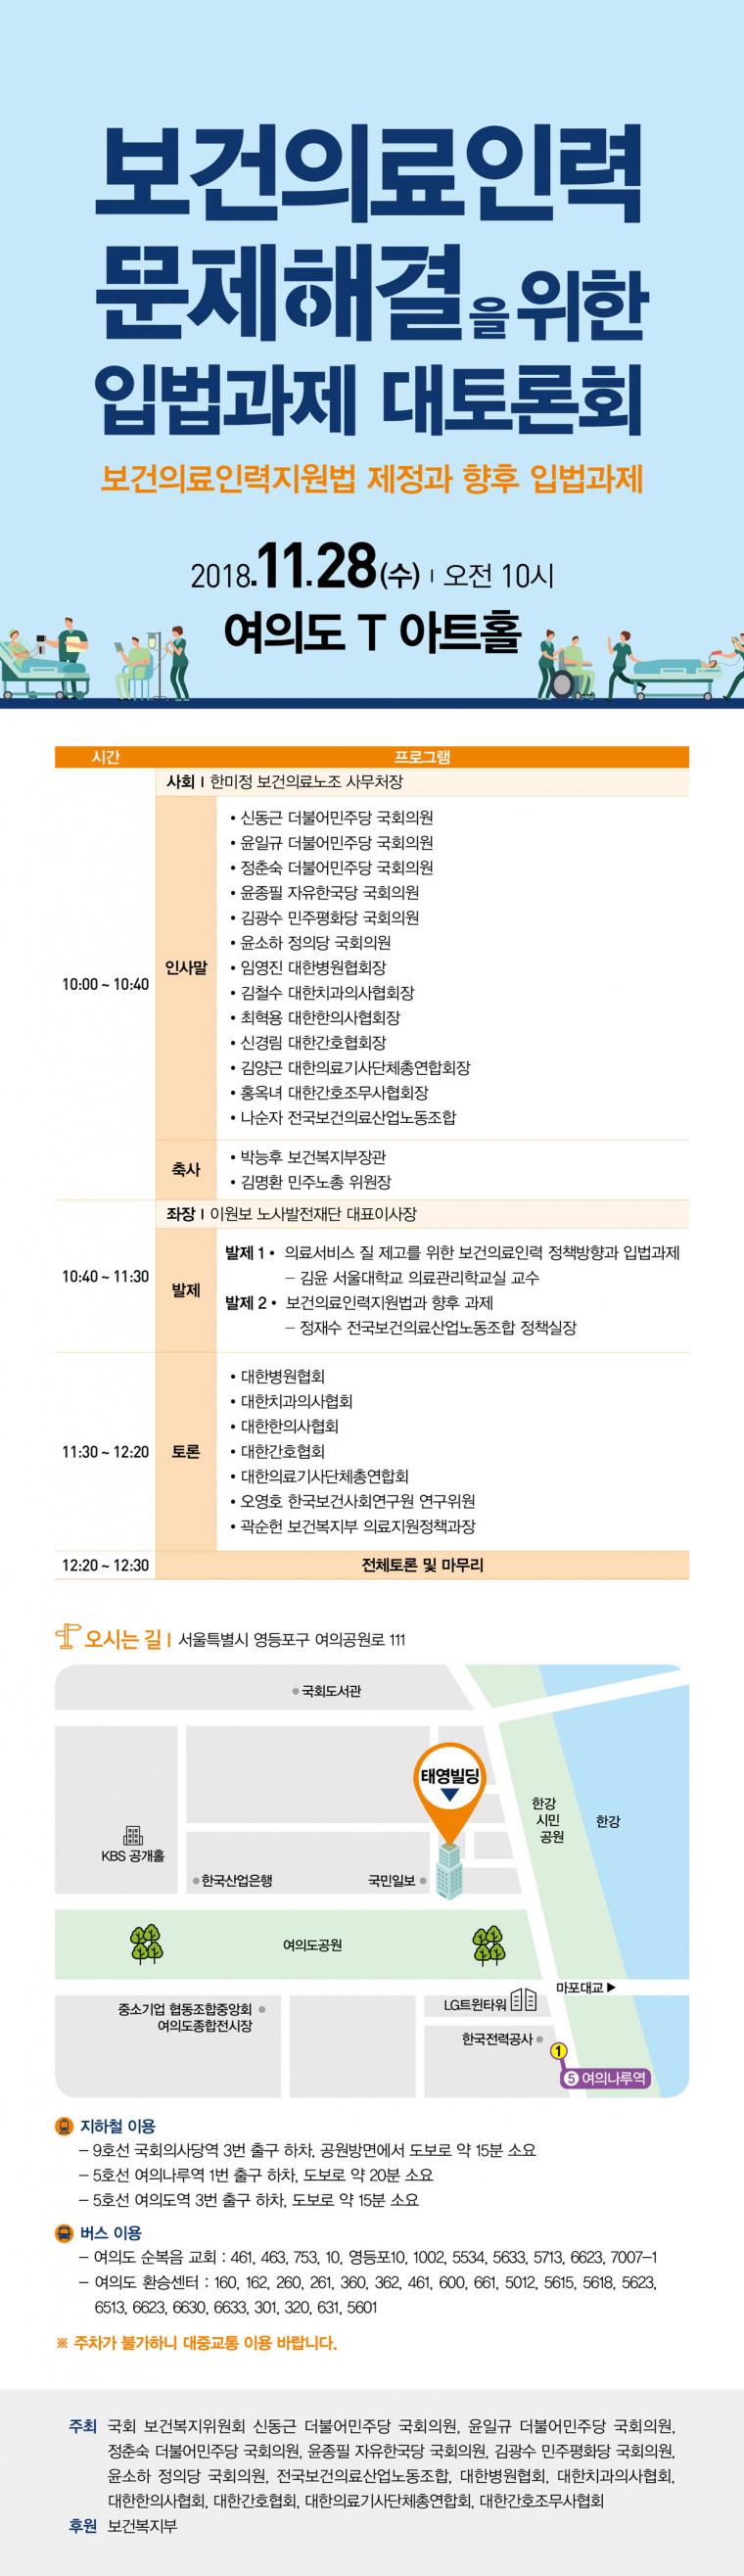 웹자보)전국보건의료산업노동조합-인력문제해결대토론회-최종.jpg